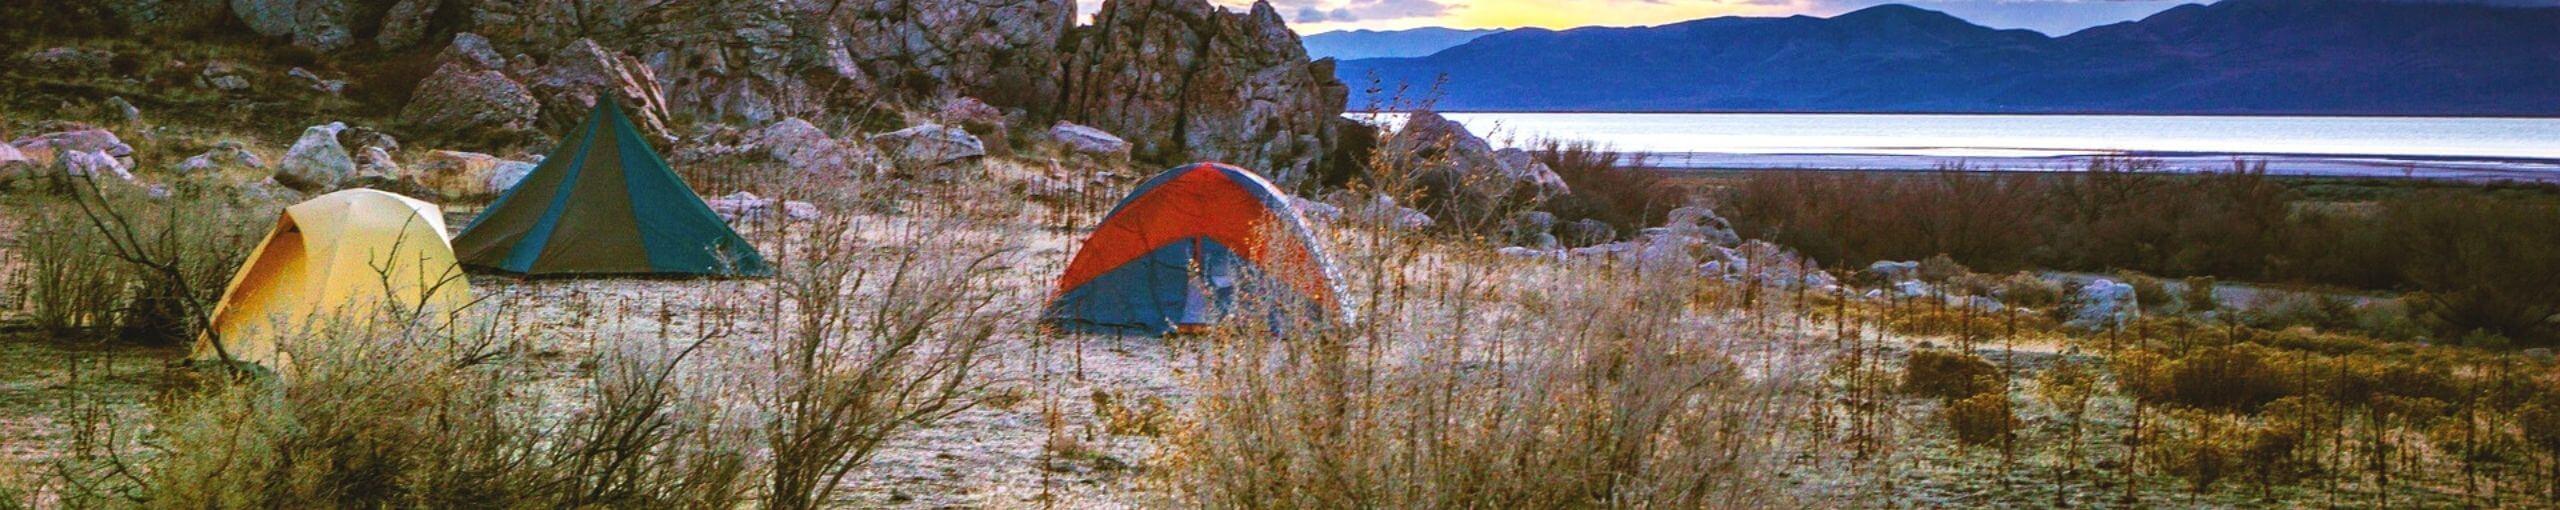 Guía Camping de Arizona. Estados Unidos.